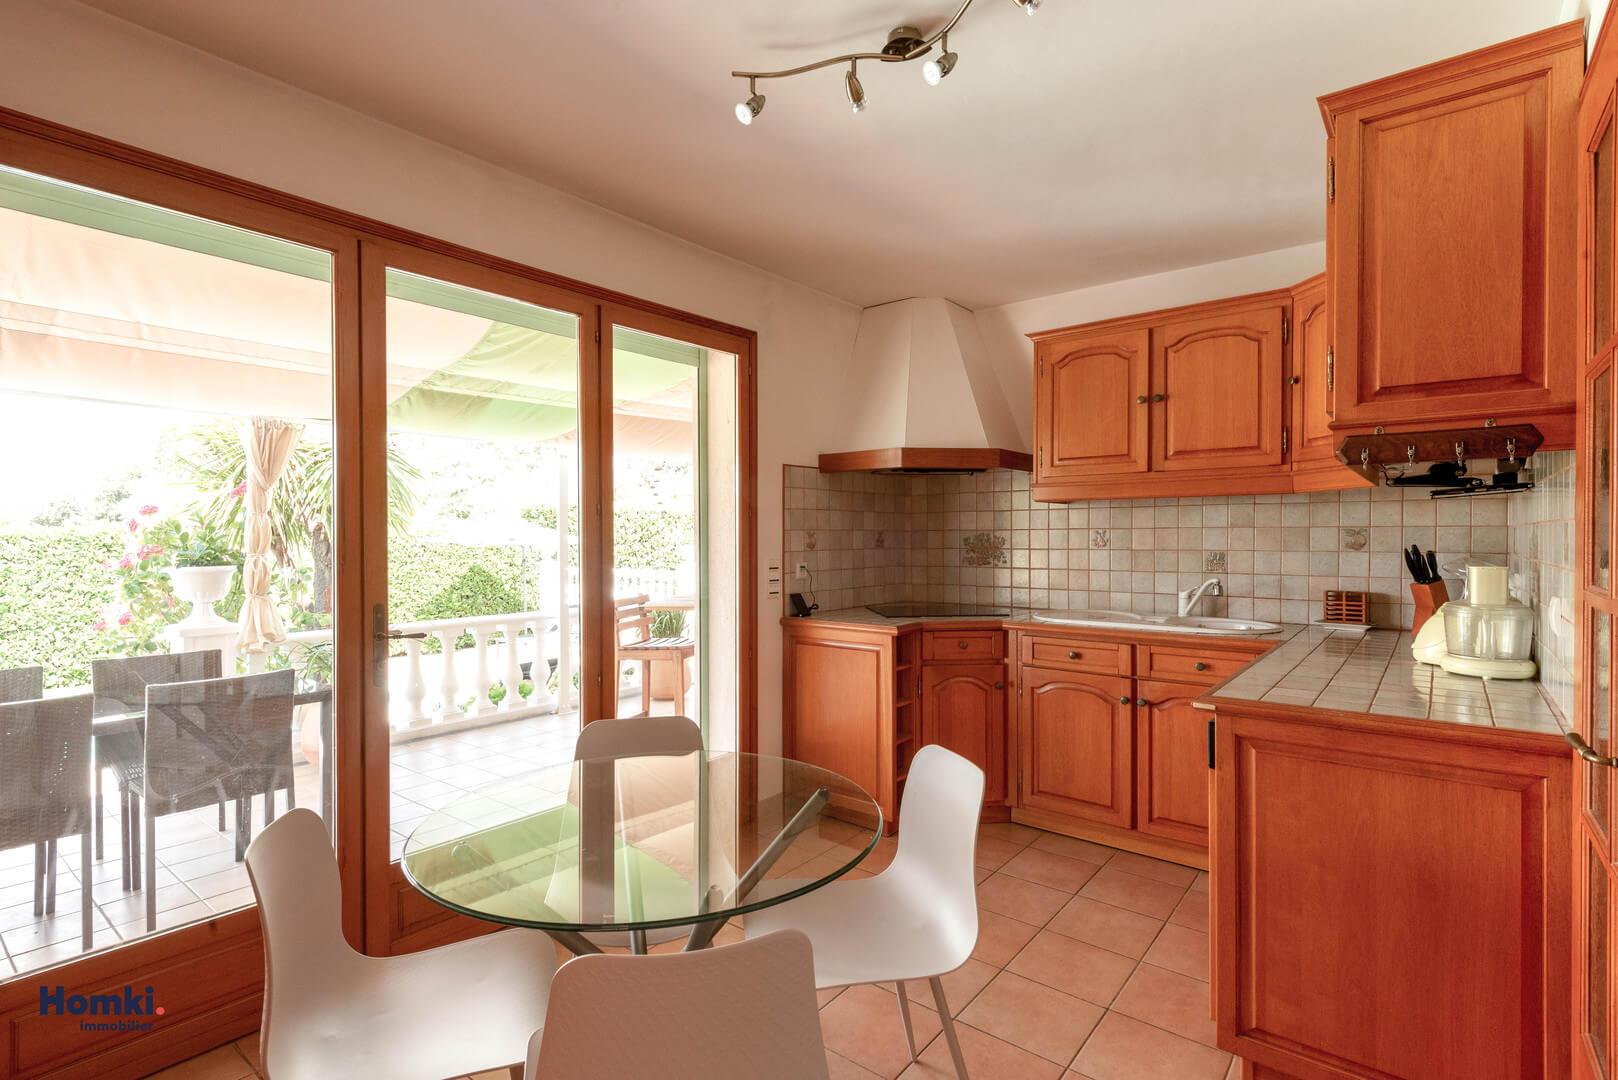 Vente Maison 169 m² T7 06410 Biot_7